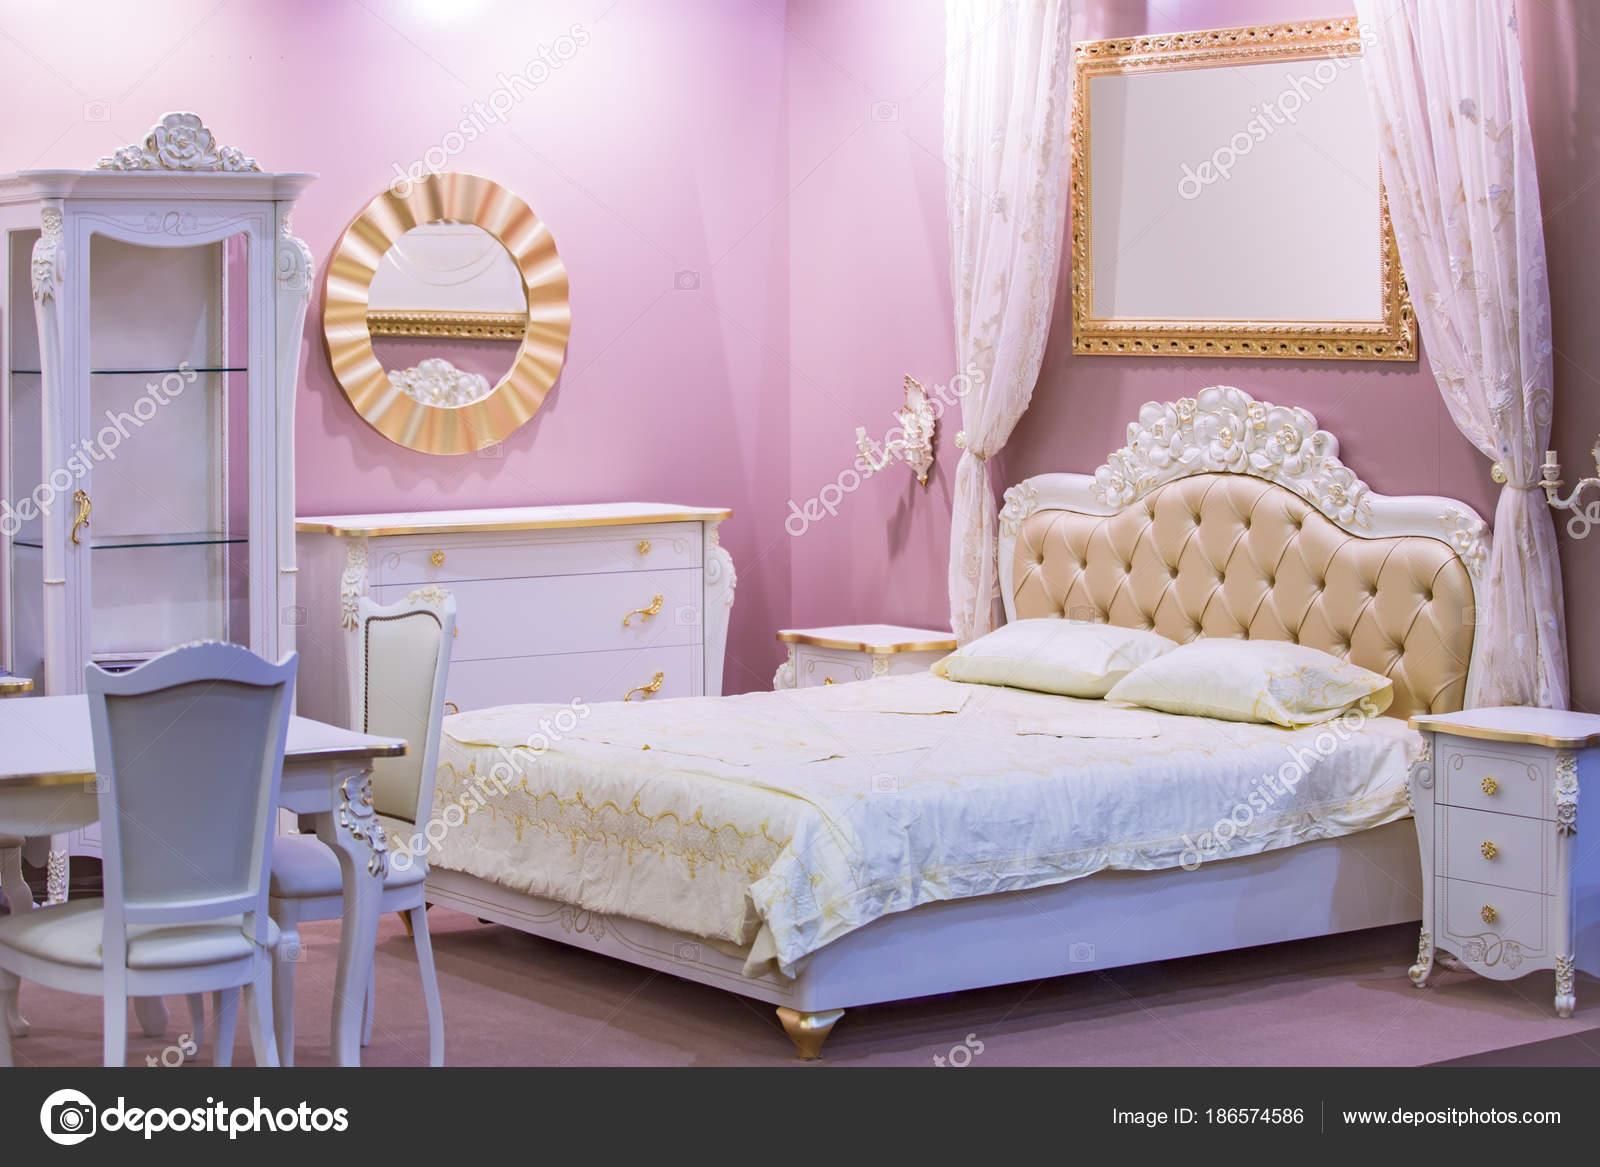 Camere Da Letto Rosa Antico : Camera di lusso bianco e rosa in stile antico con ricche